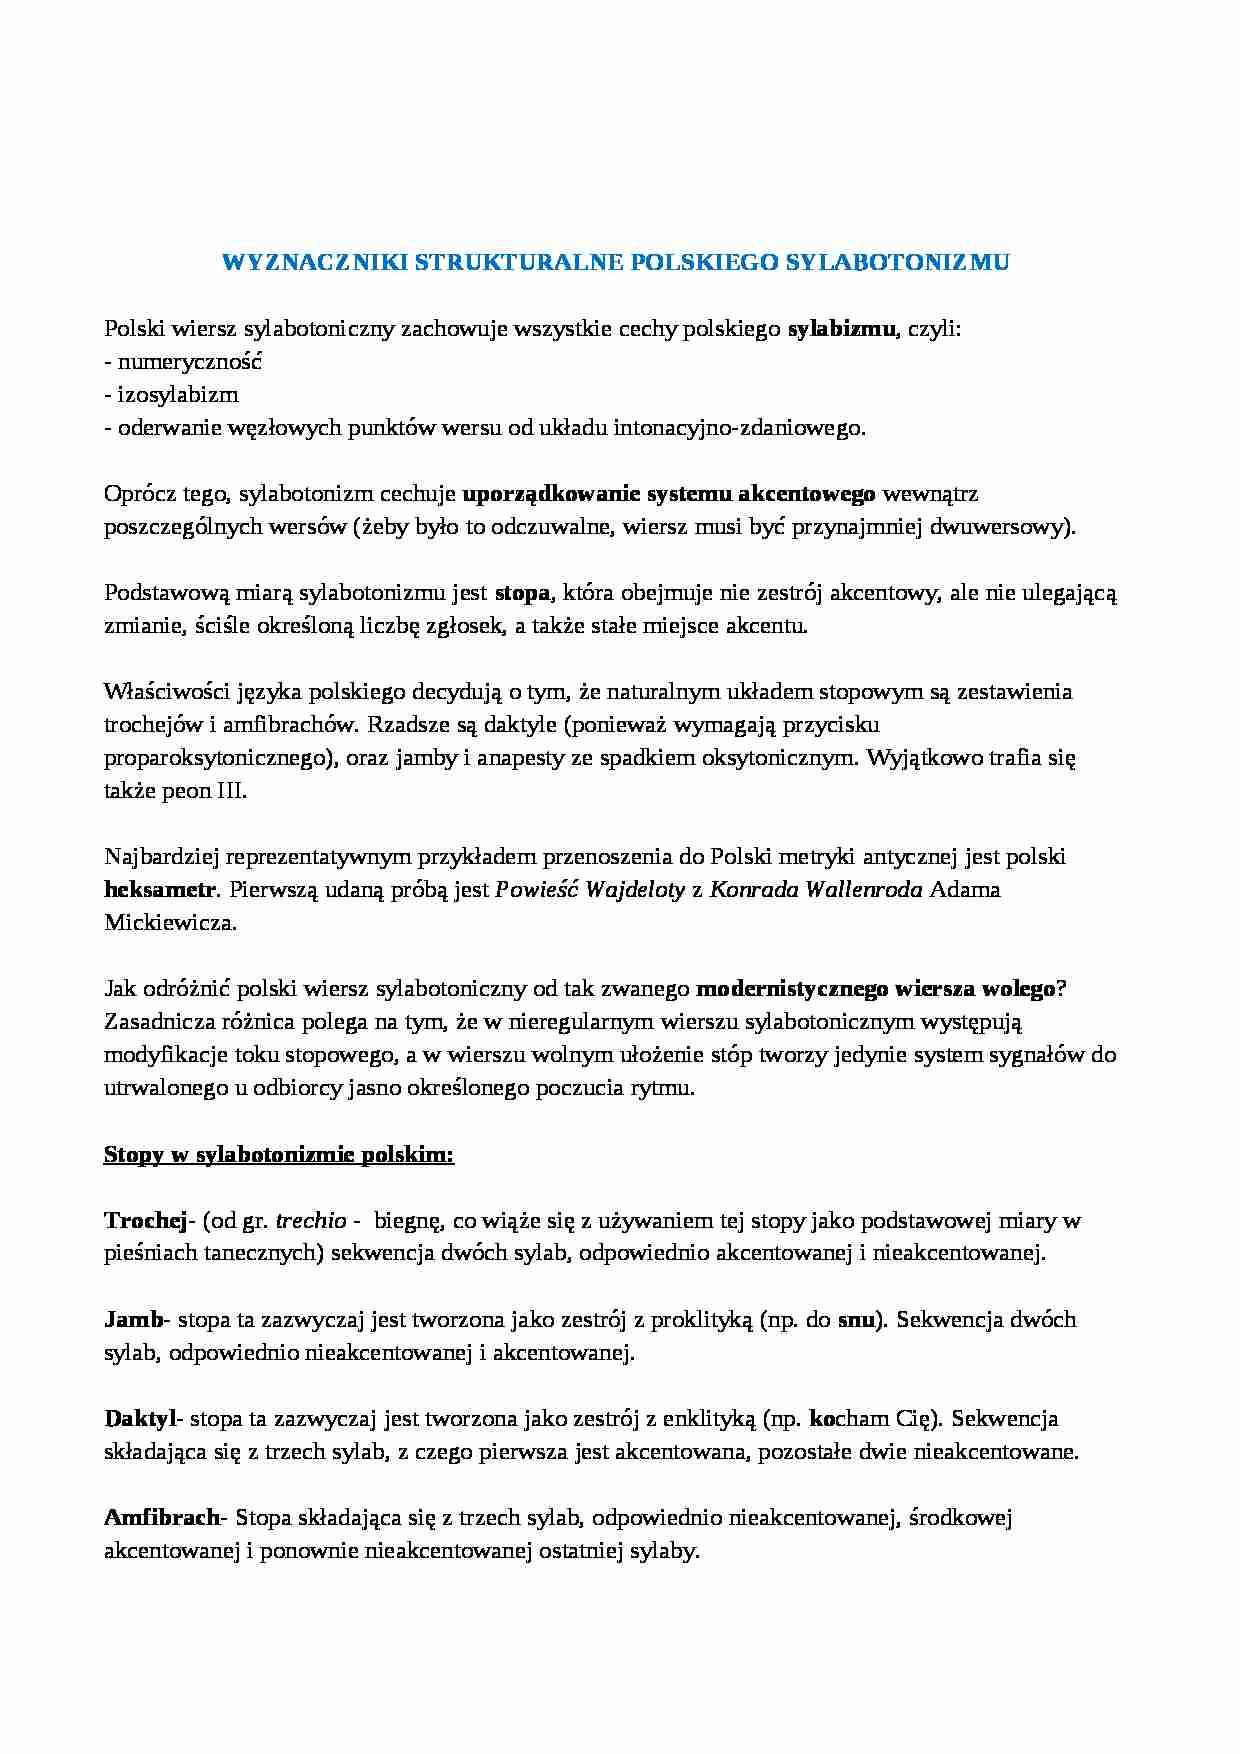 Wyznaczniki Strukturalne Polskiego Sylabotonizmu Czas W